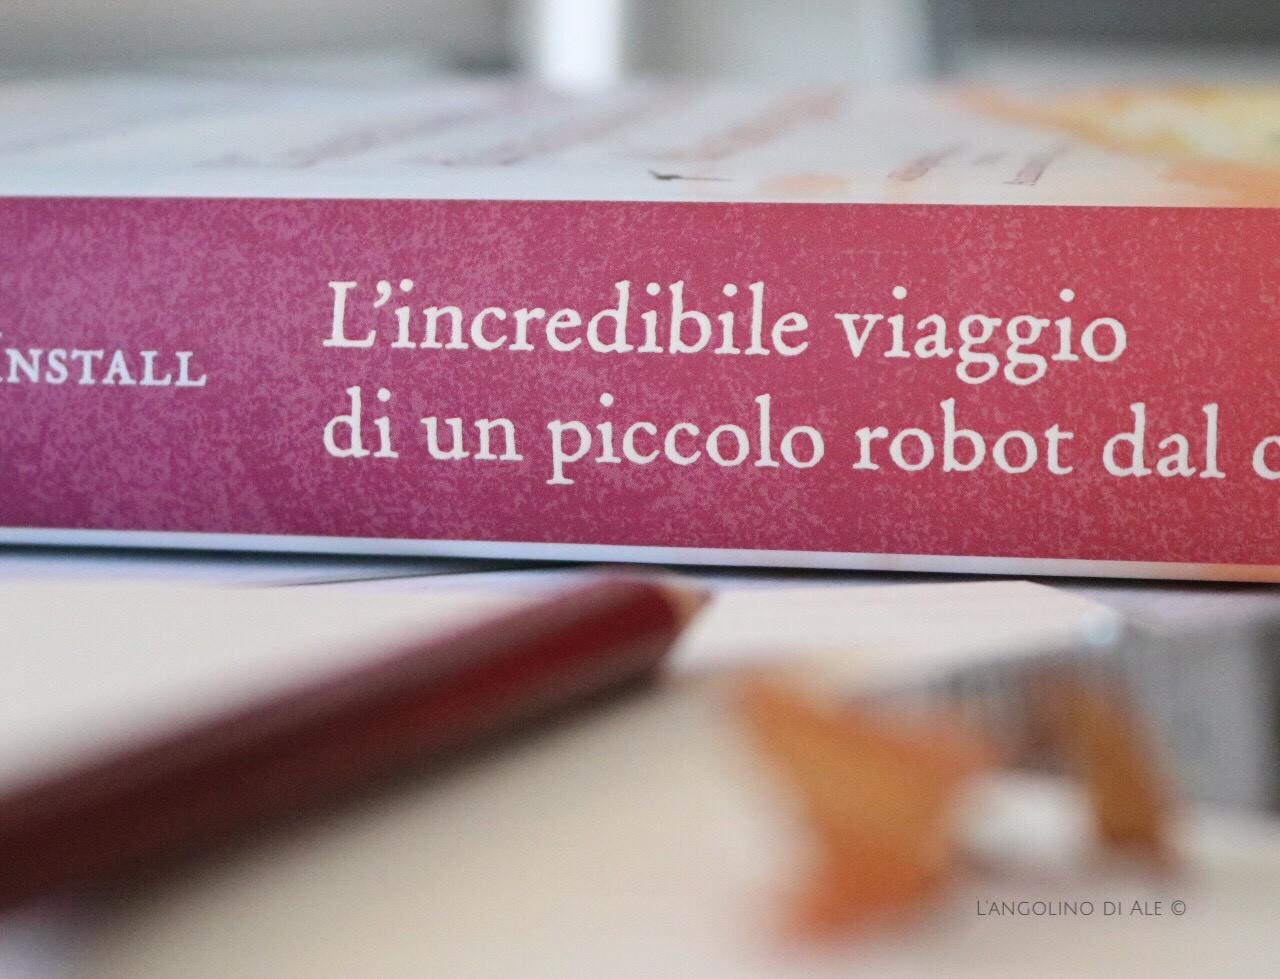 L'incredibile viaggio di un piccolo robot dal cuore grande di Deborah Install